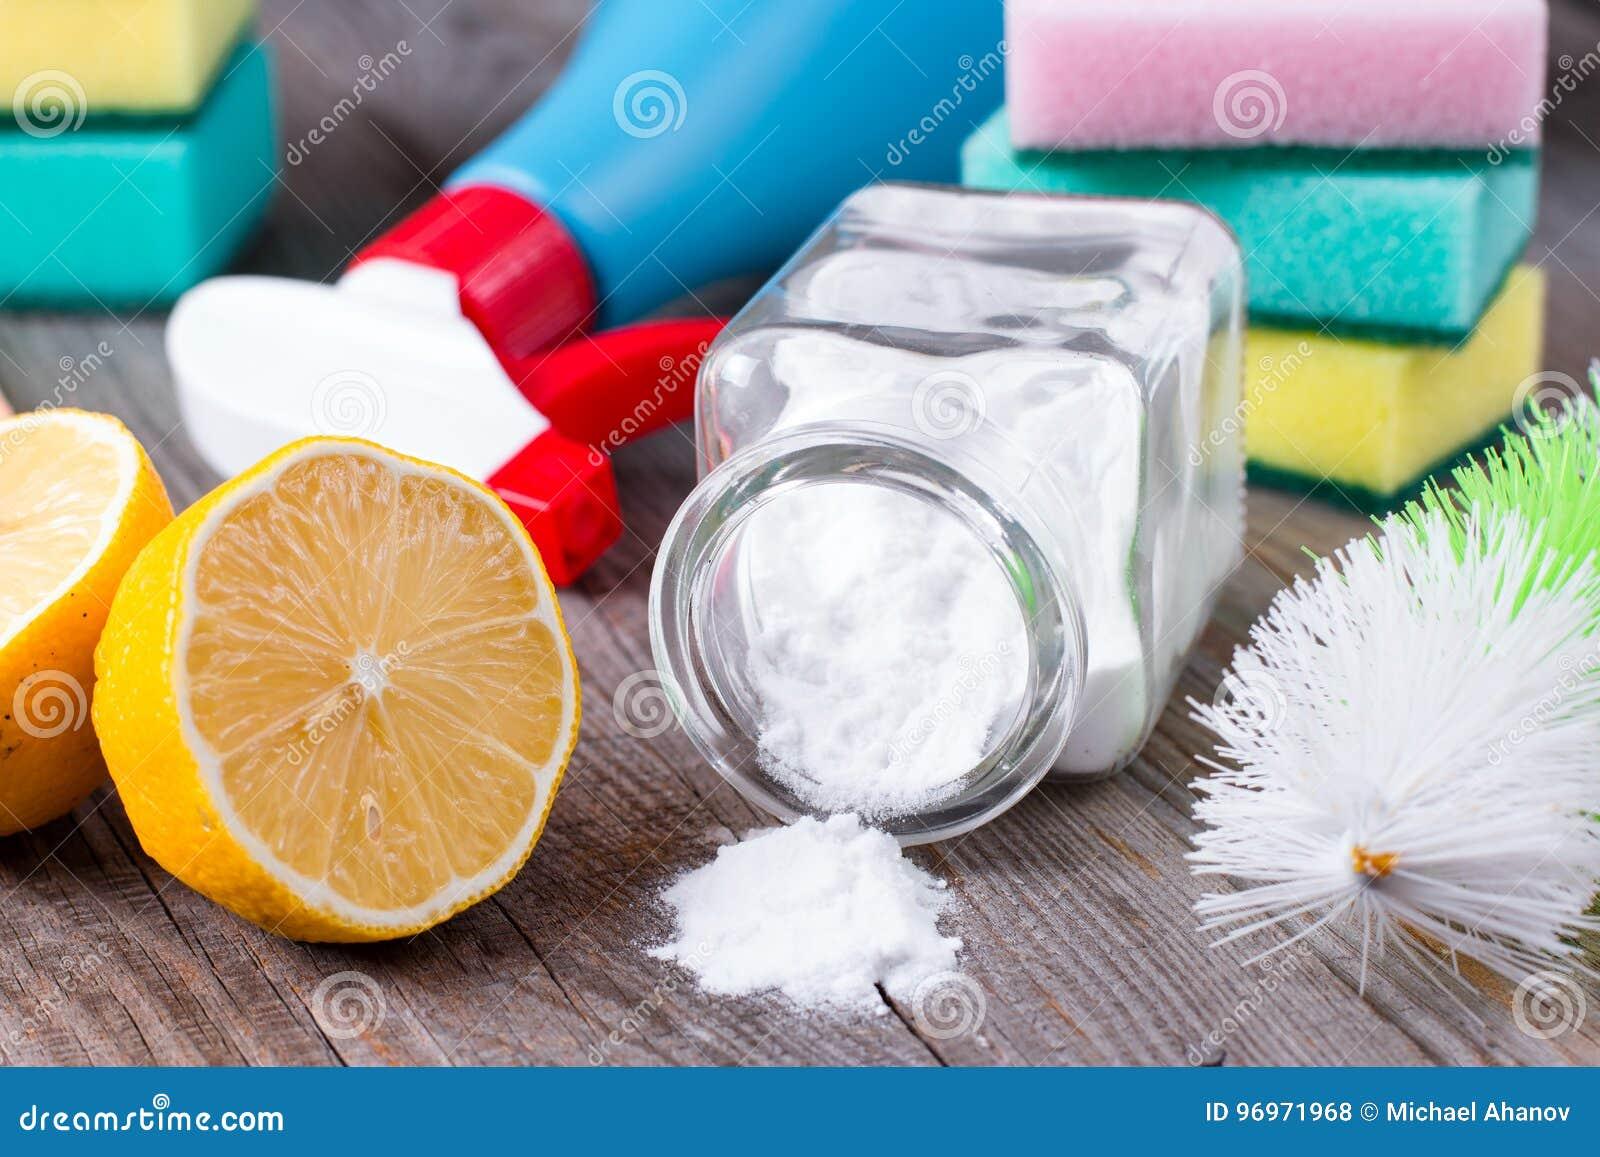 Umweltfreundliche natürliche Reiniger Backnatron, Salz, Zitrone und Stoff